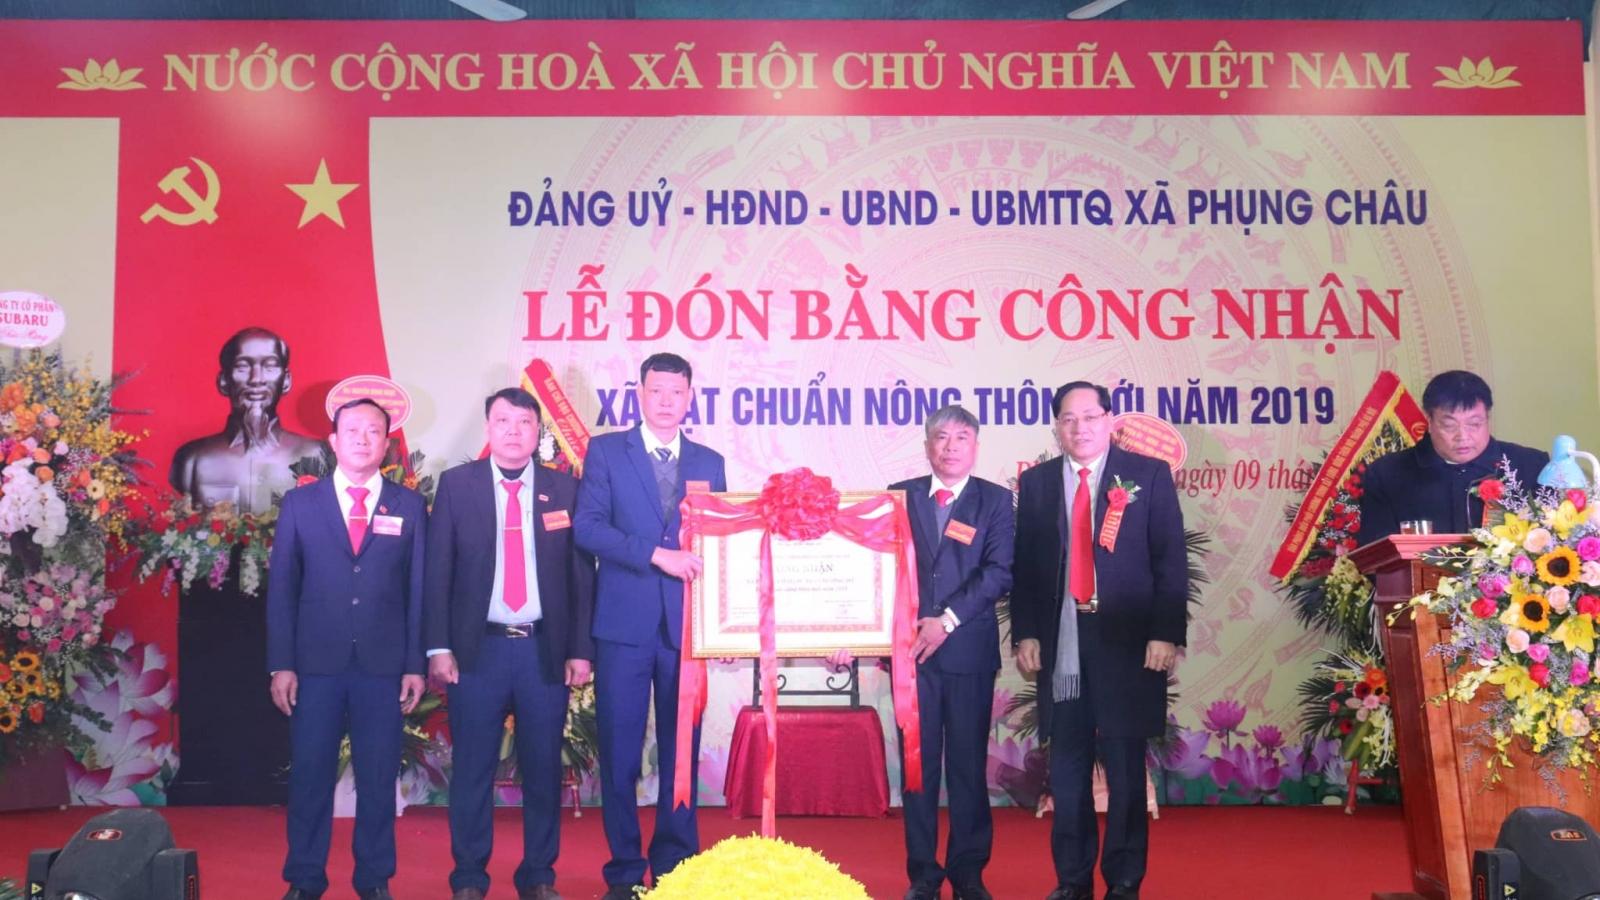 Xã Phụng Châu, Chương Mỹ, Hà Nội đón nhận bằng công nhận xã đạt chuẩn nông thôn mới